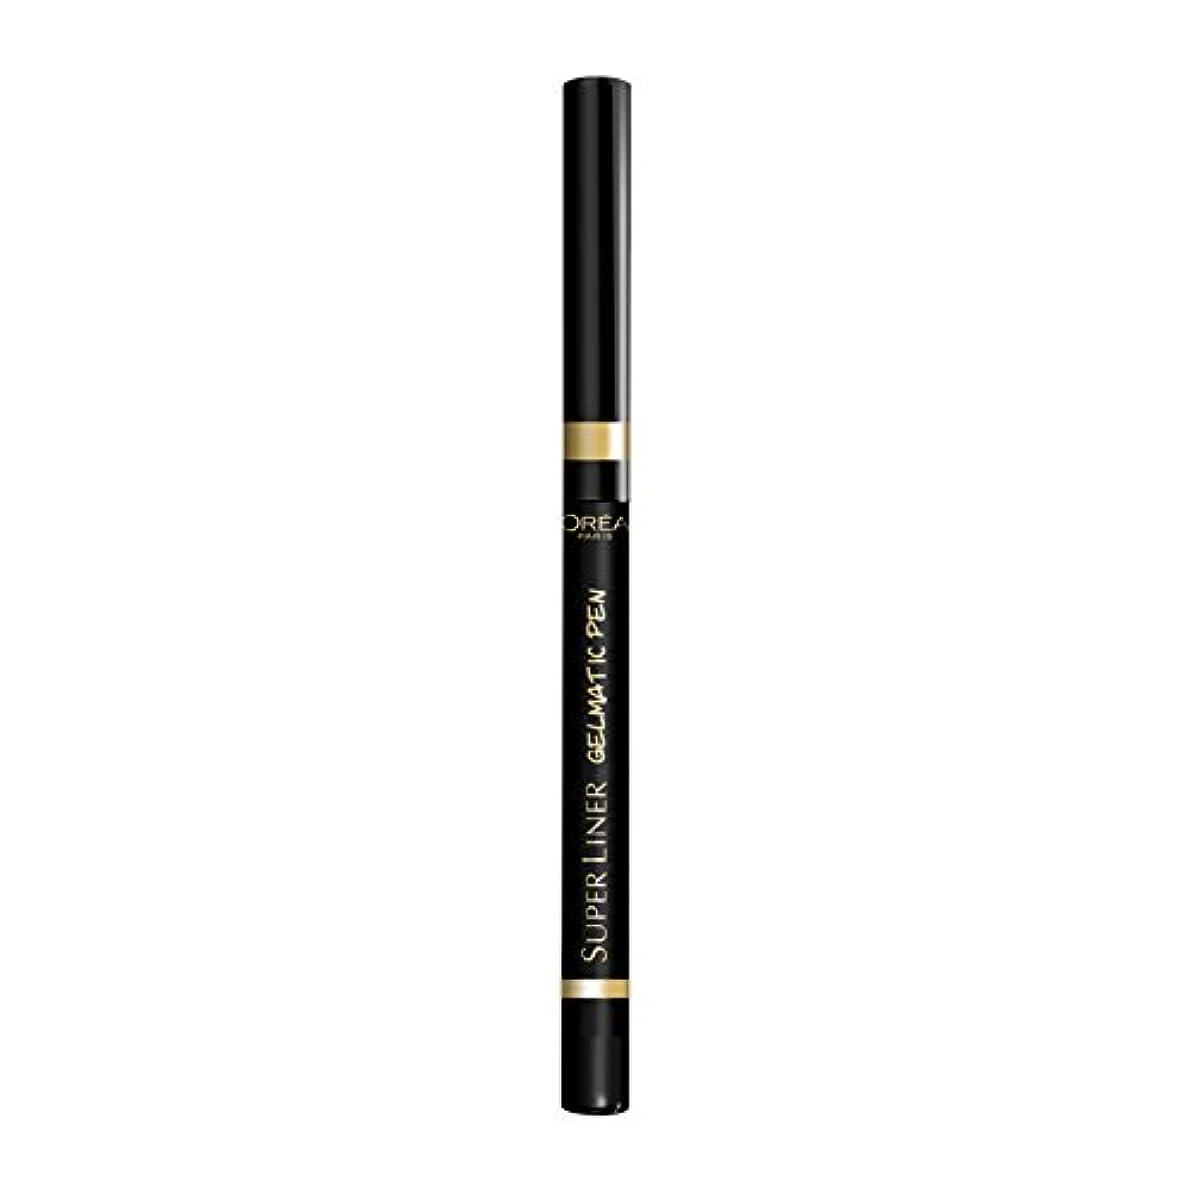 けん引デッキ環境ロレアル パリ アイライナー スーパーライナー ジェルマティックペン 01 ブラックアイコニック ウォータープルーフ